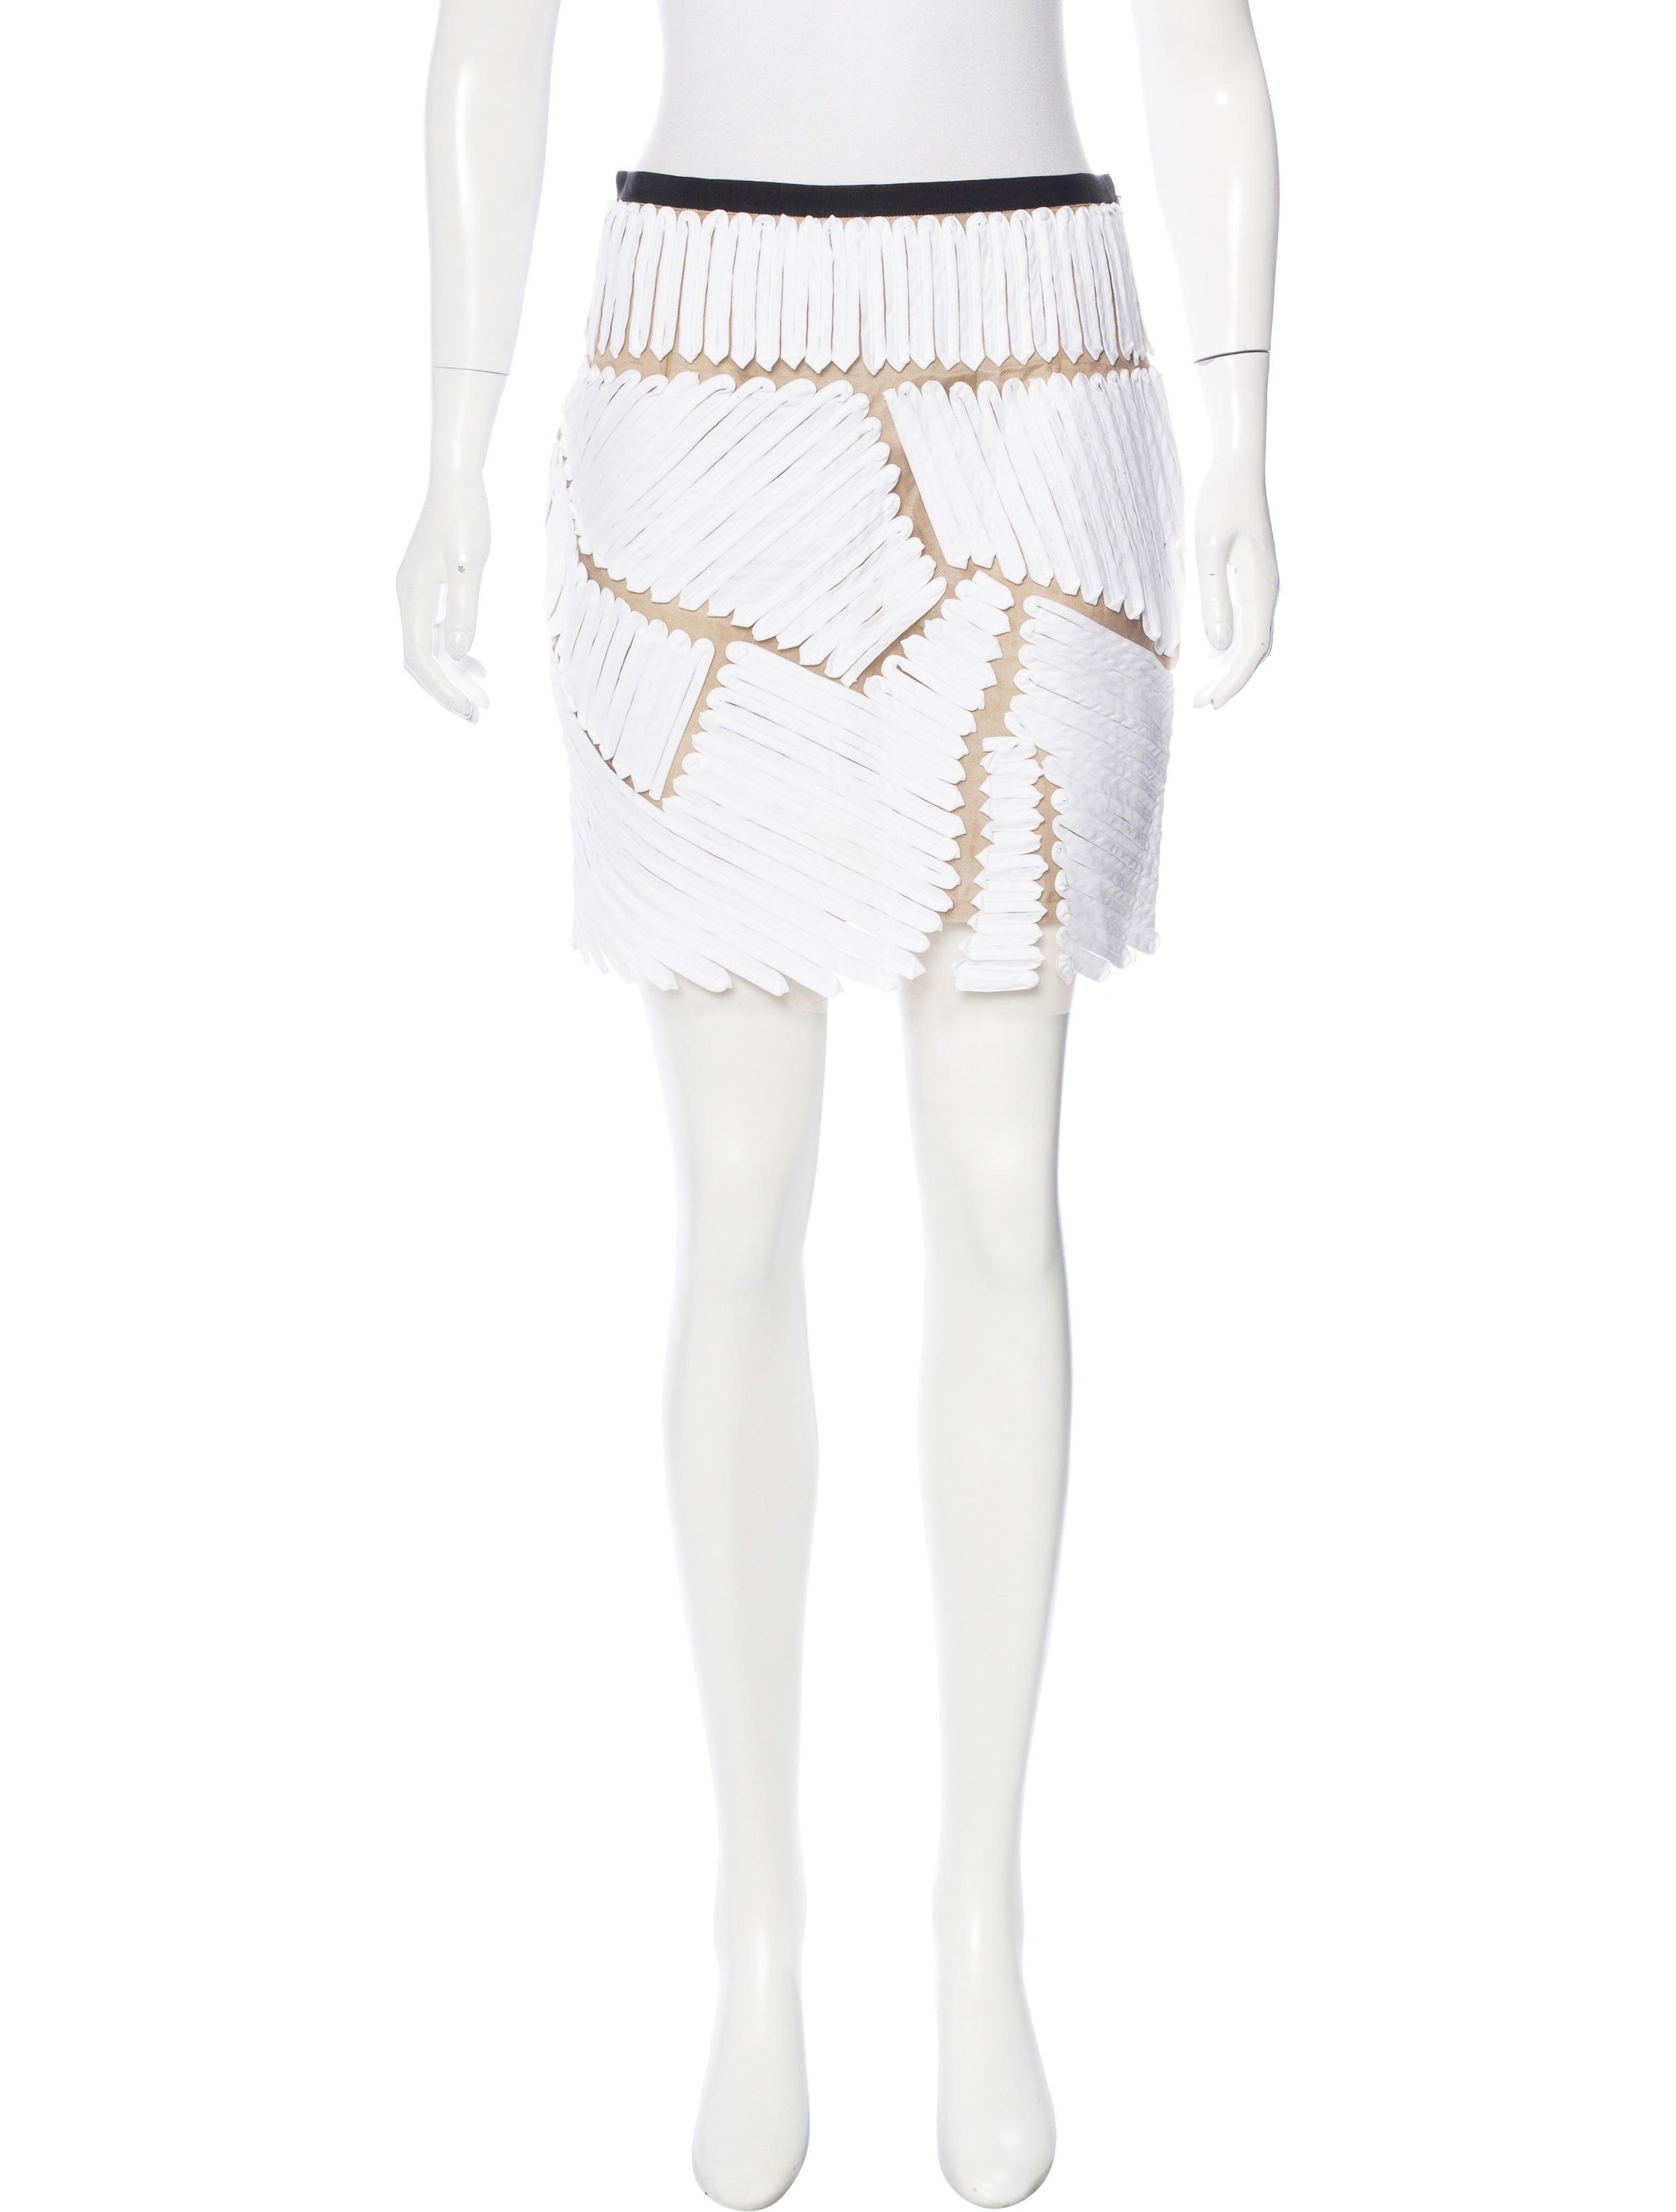 escort girls in hamilton skirt